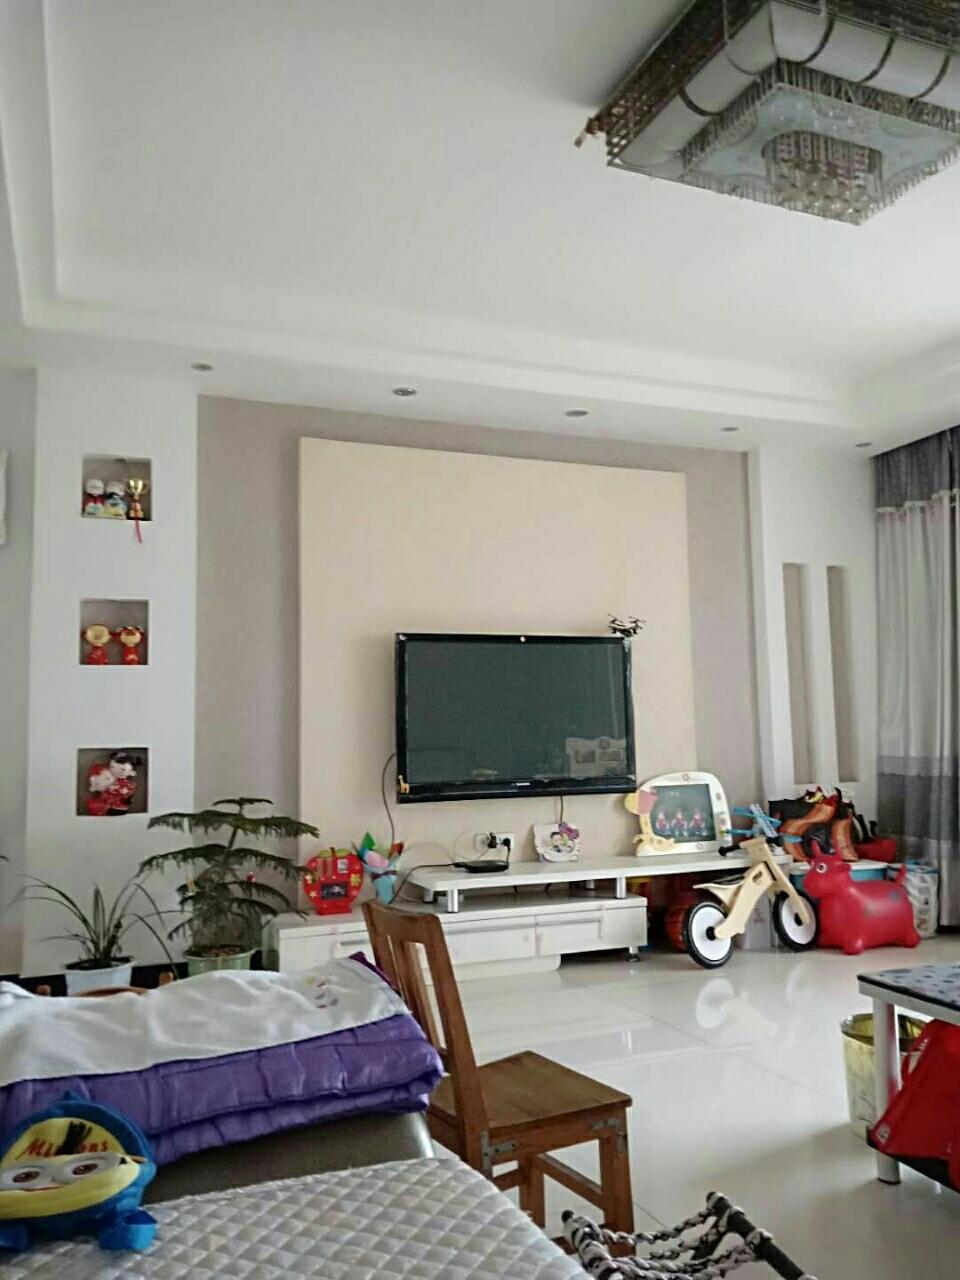 麻城市滨江御景二期3室2厅2卫70万元牧邦吊顶2号多少钱一平图片